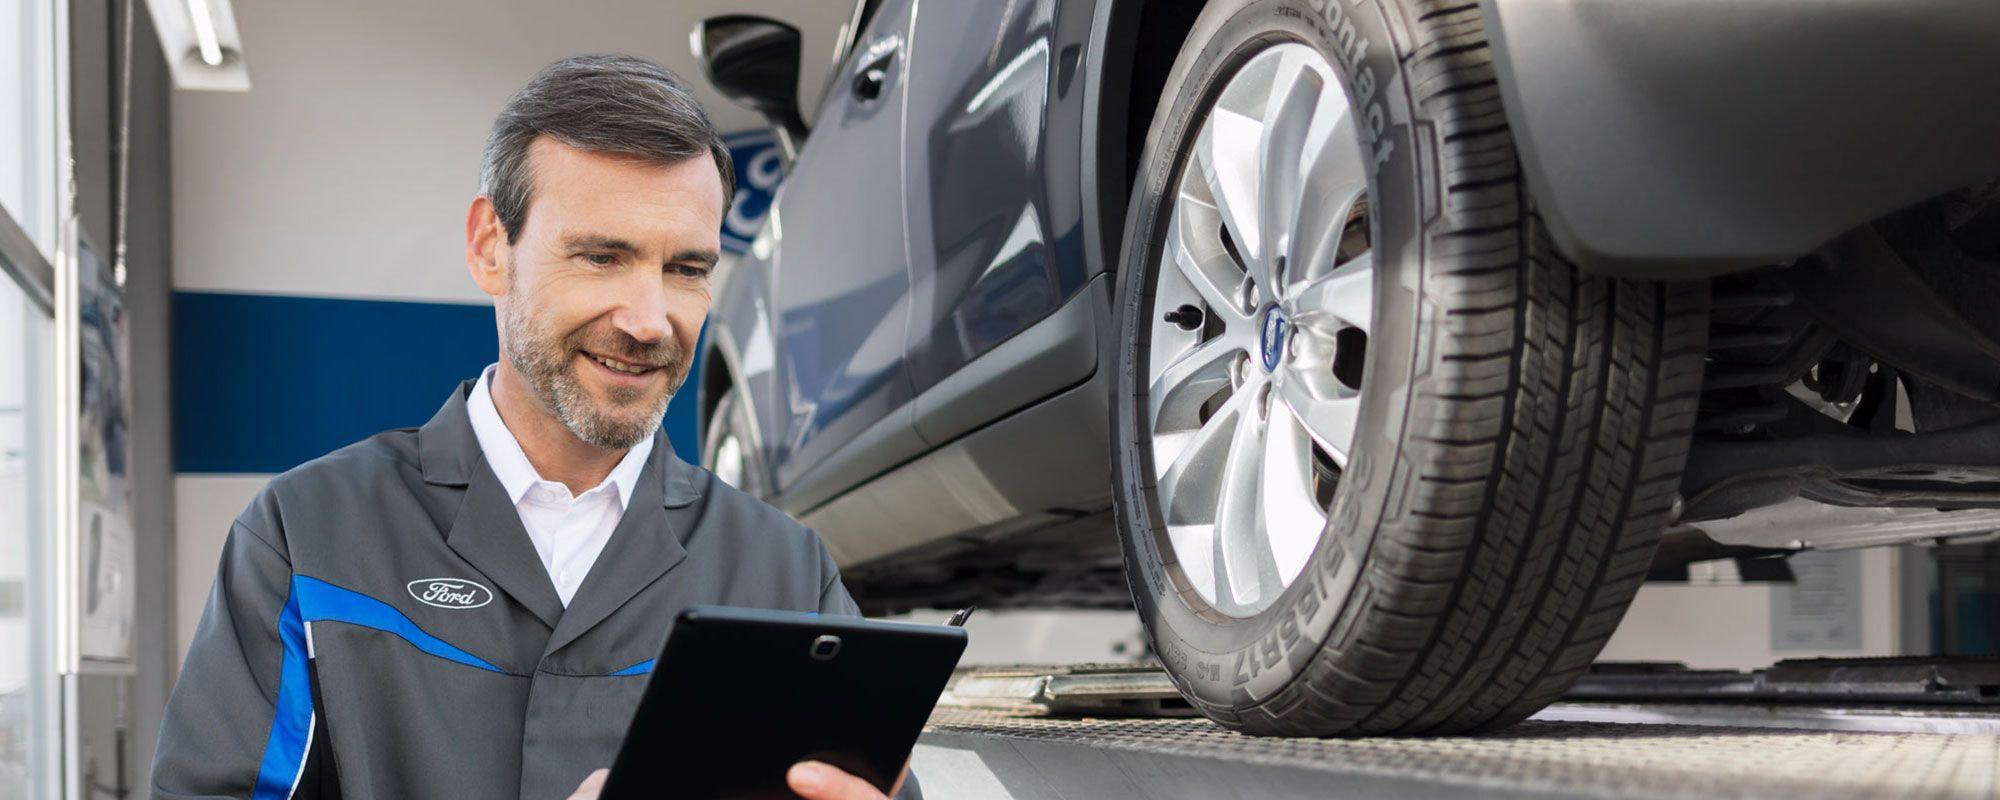 Ford Service après-vente Réparations